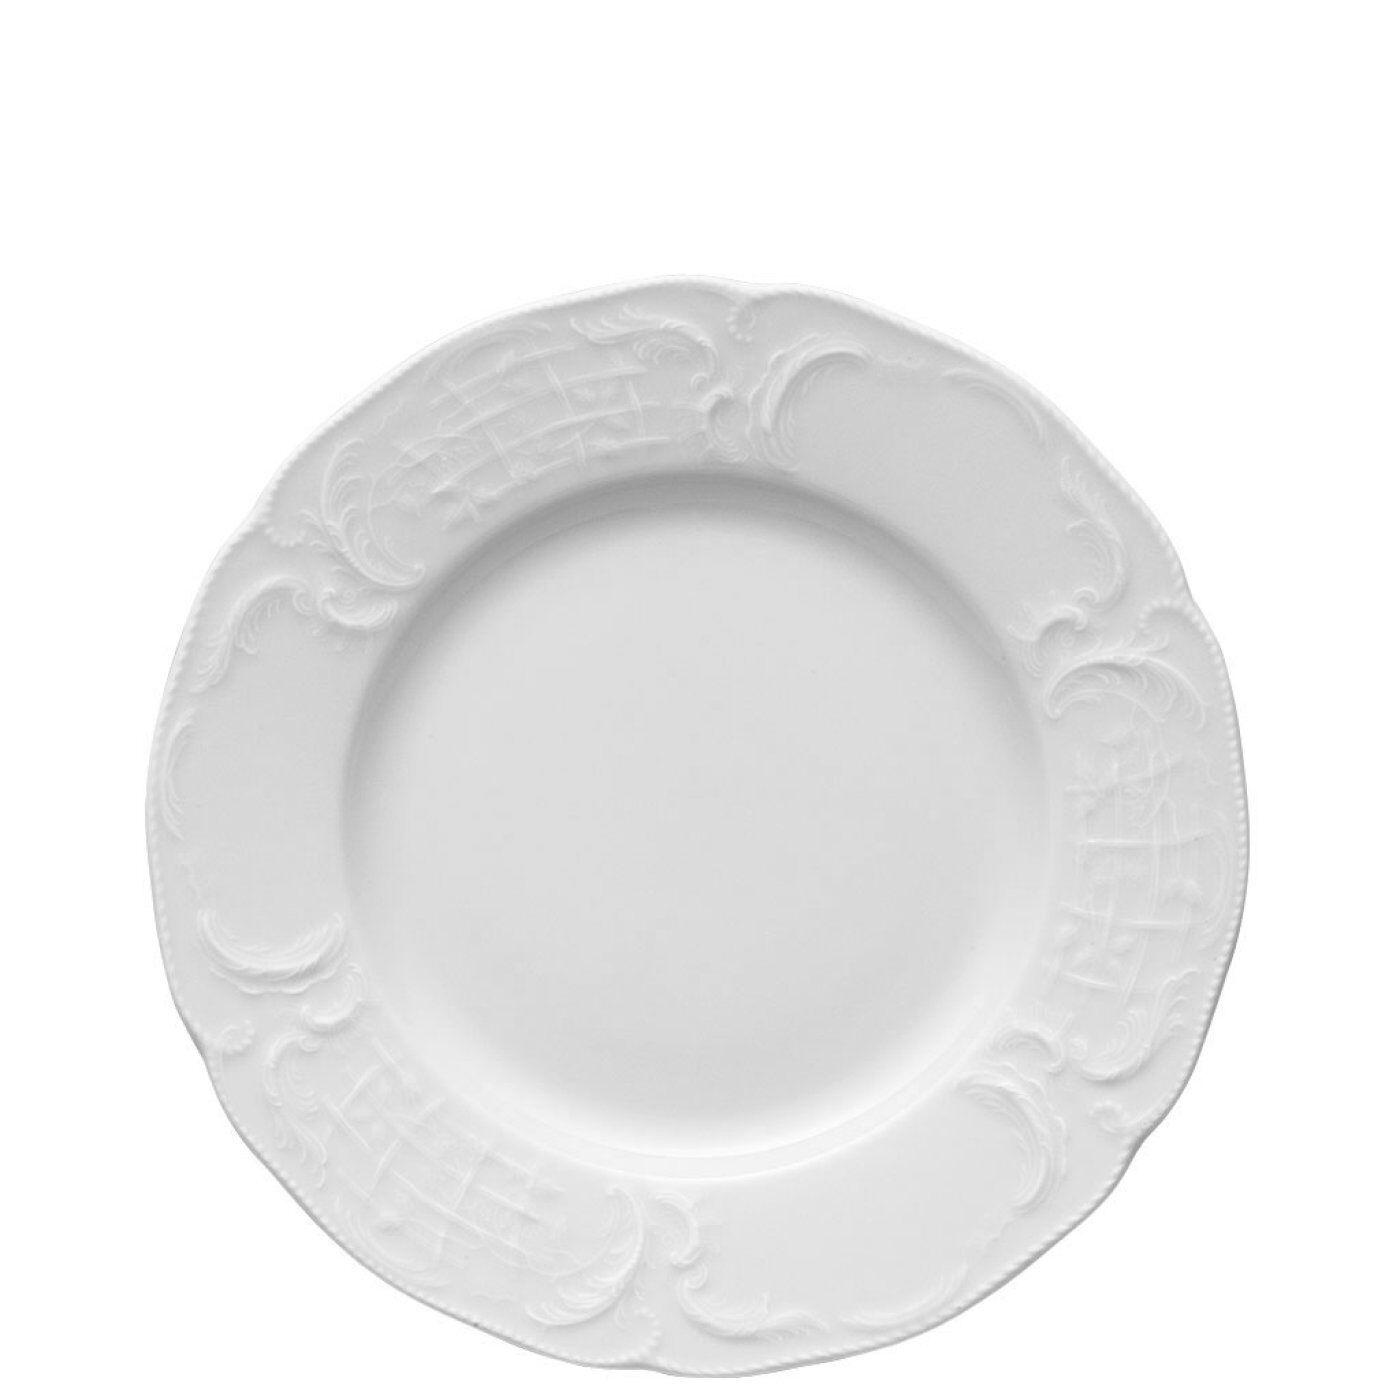 Rosenthal - Sanssouci Bianco - Servizio Piatti 18 pezzi per 6 pers Rivenditore